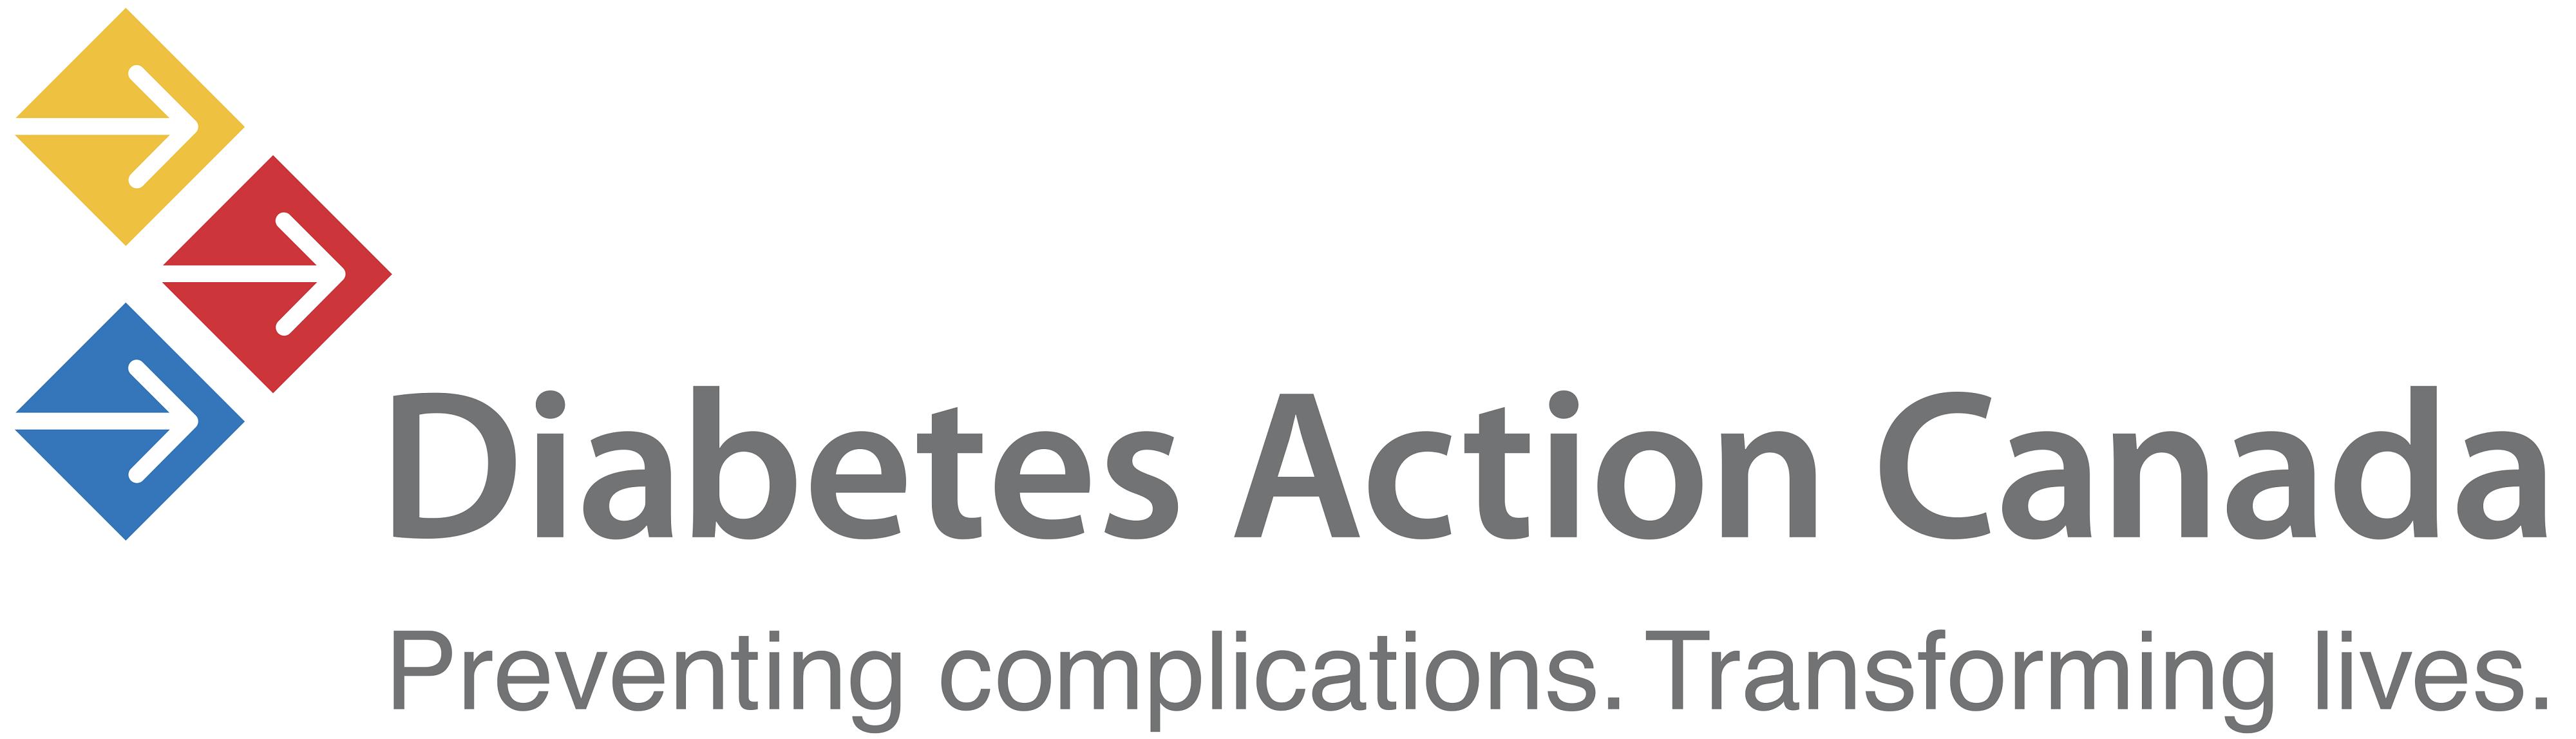 Diabetes Action Canada